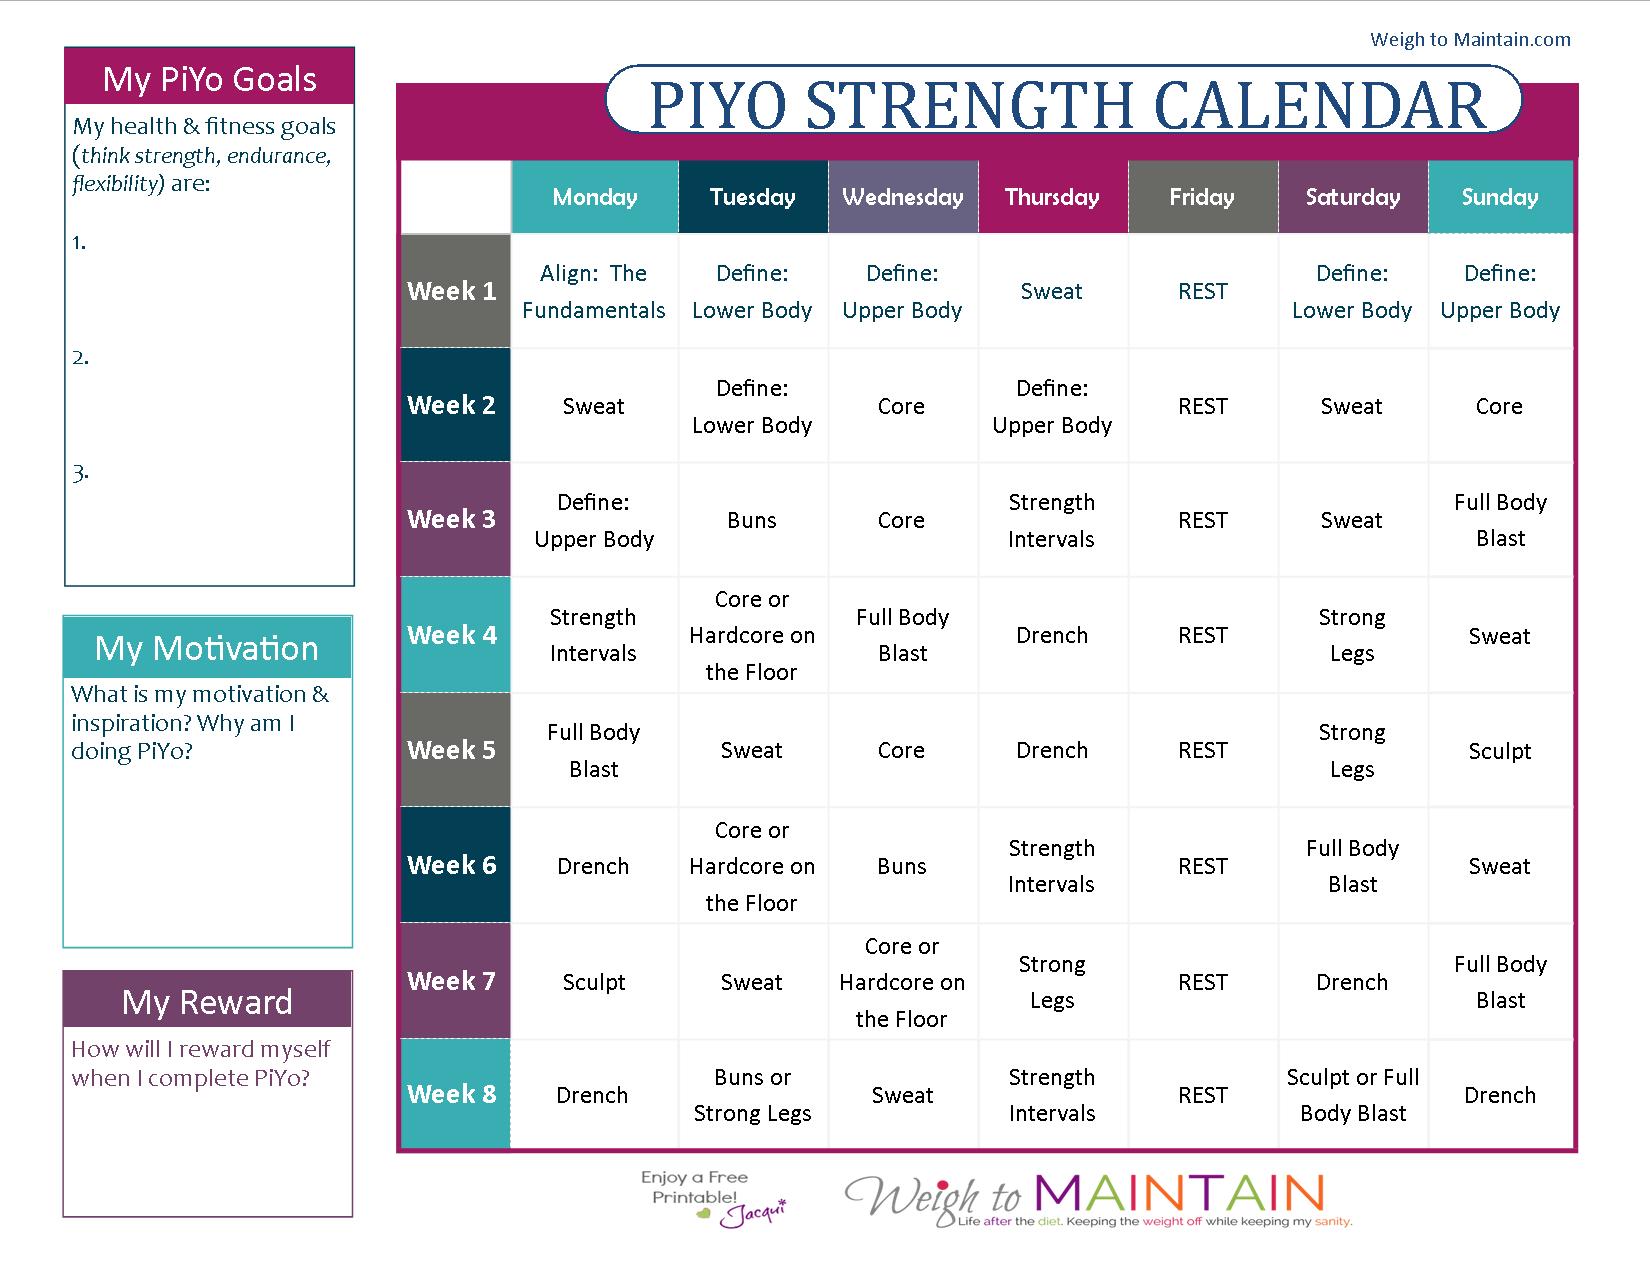 PiYo Calendar Strength